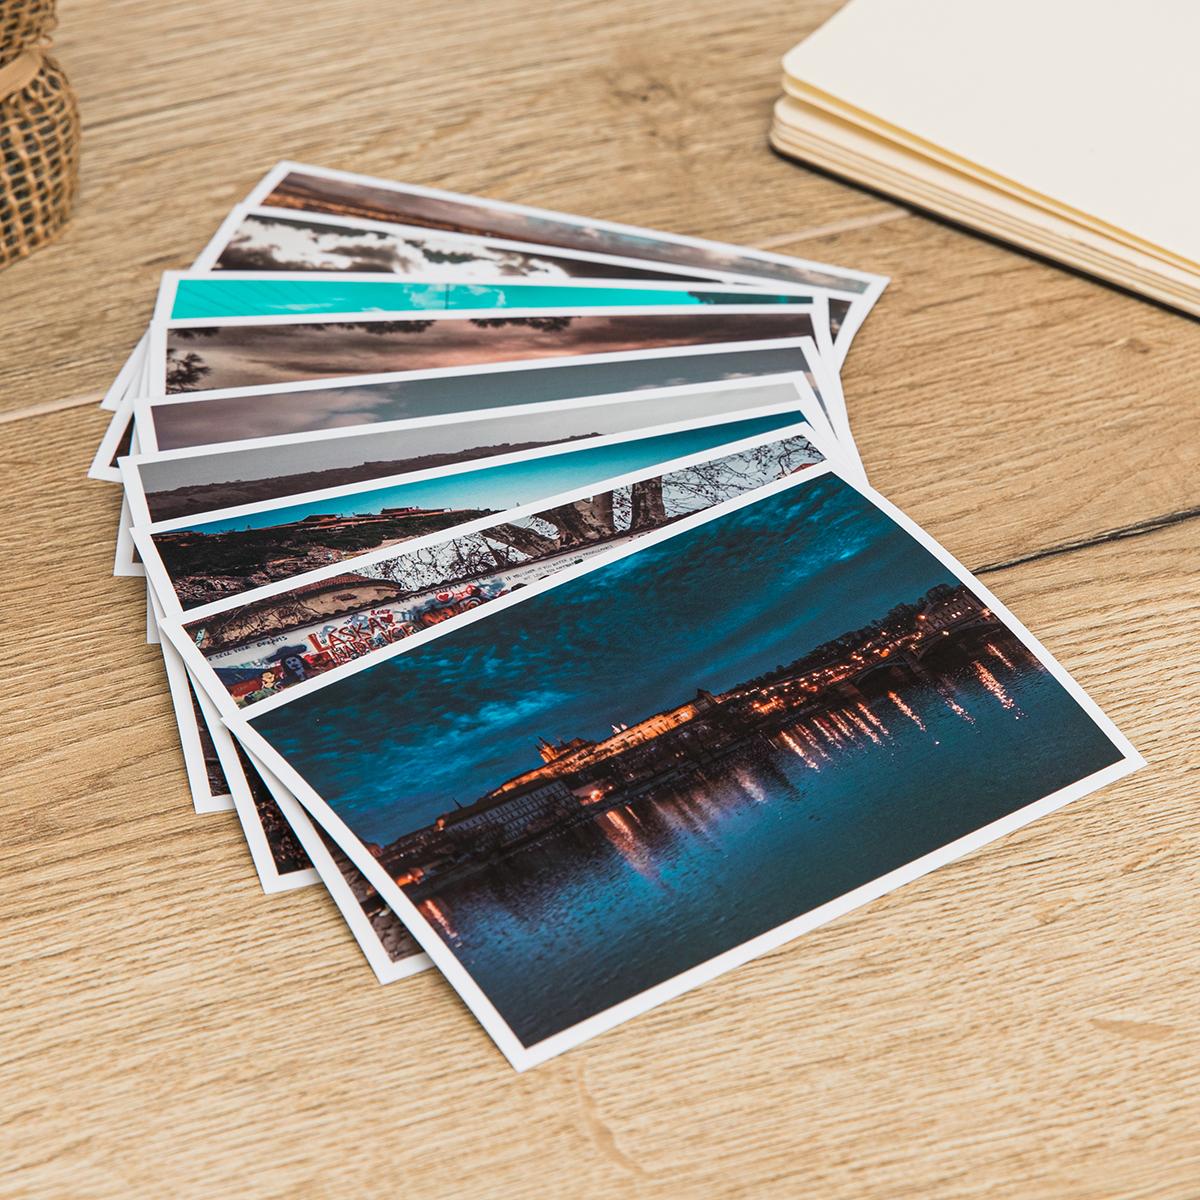 foto 9x13 su tavolo